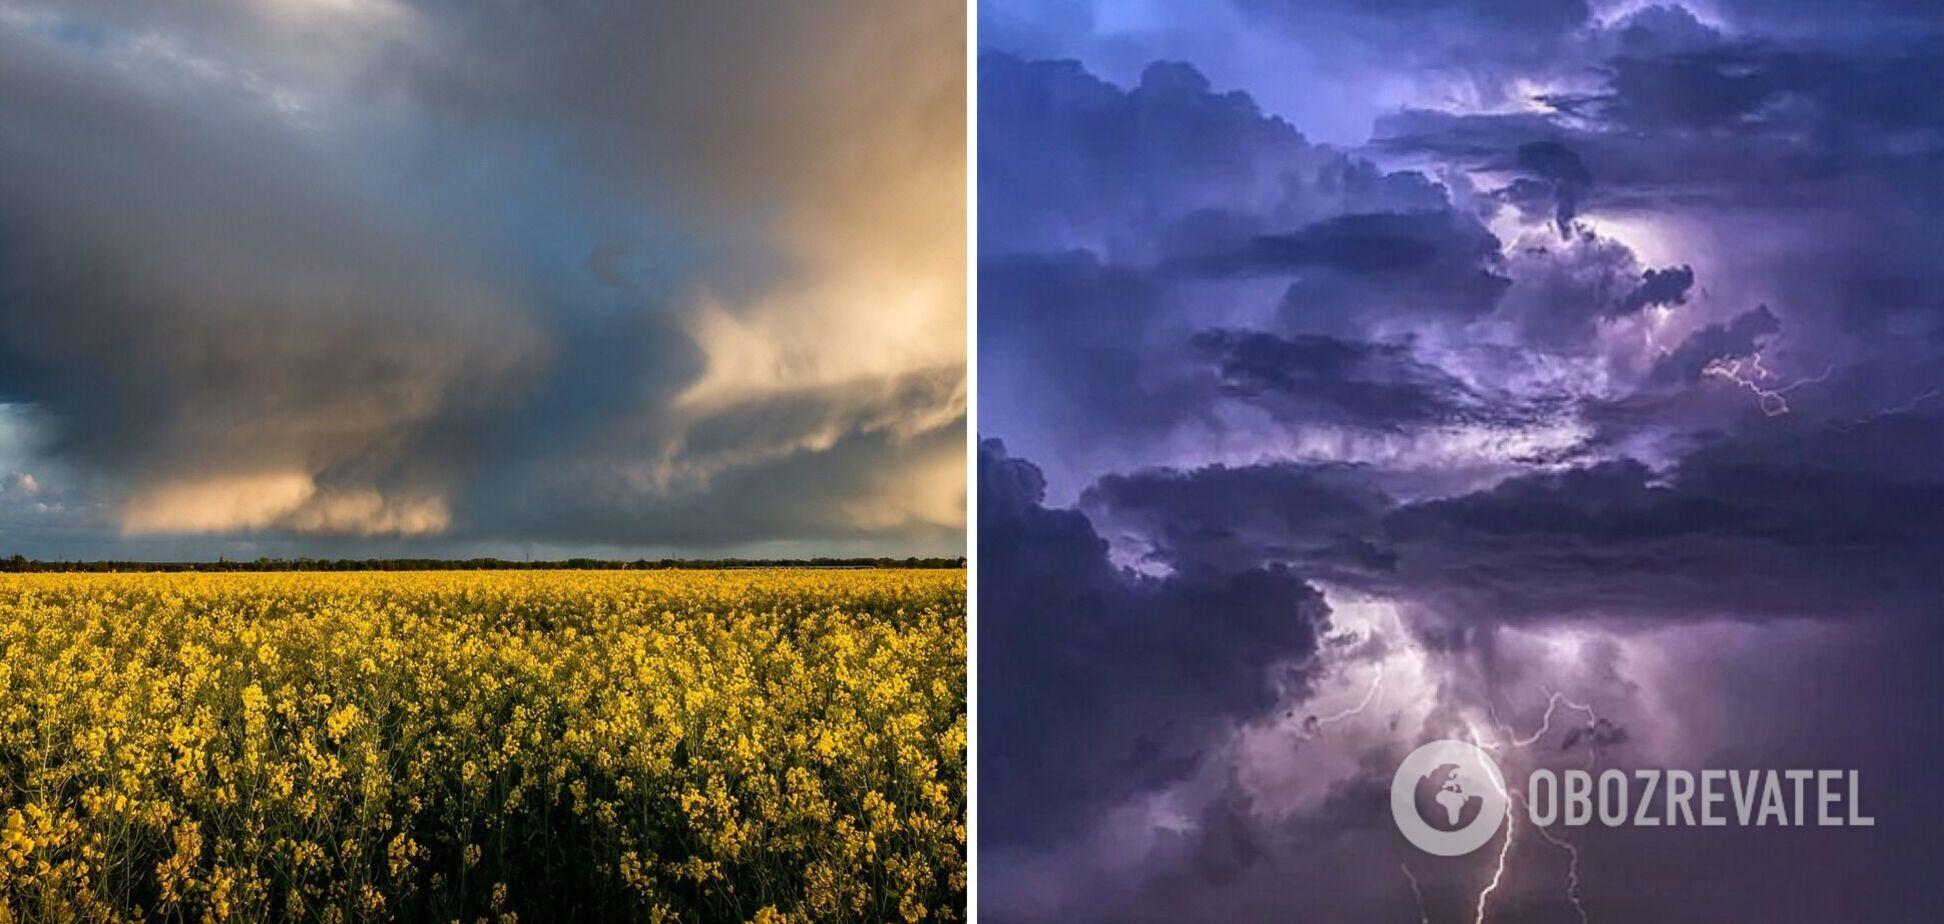 В части Украины объявлено штормовое предупреждение: где ожидается опасная погода. Карта